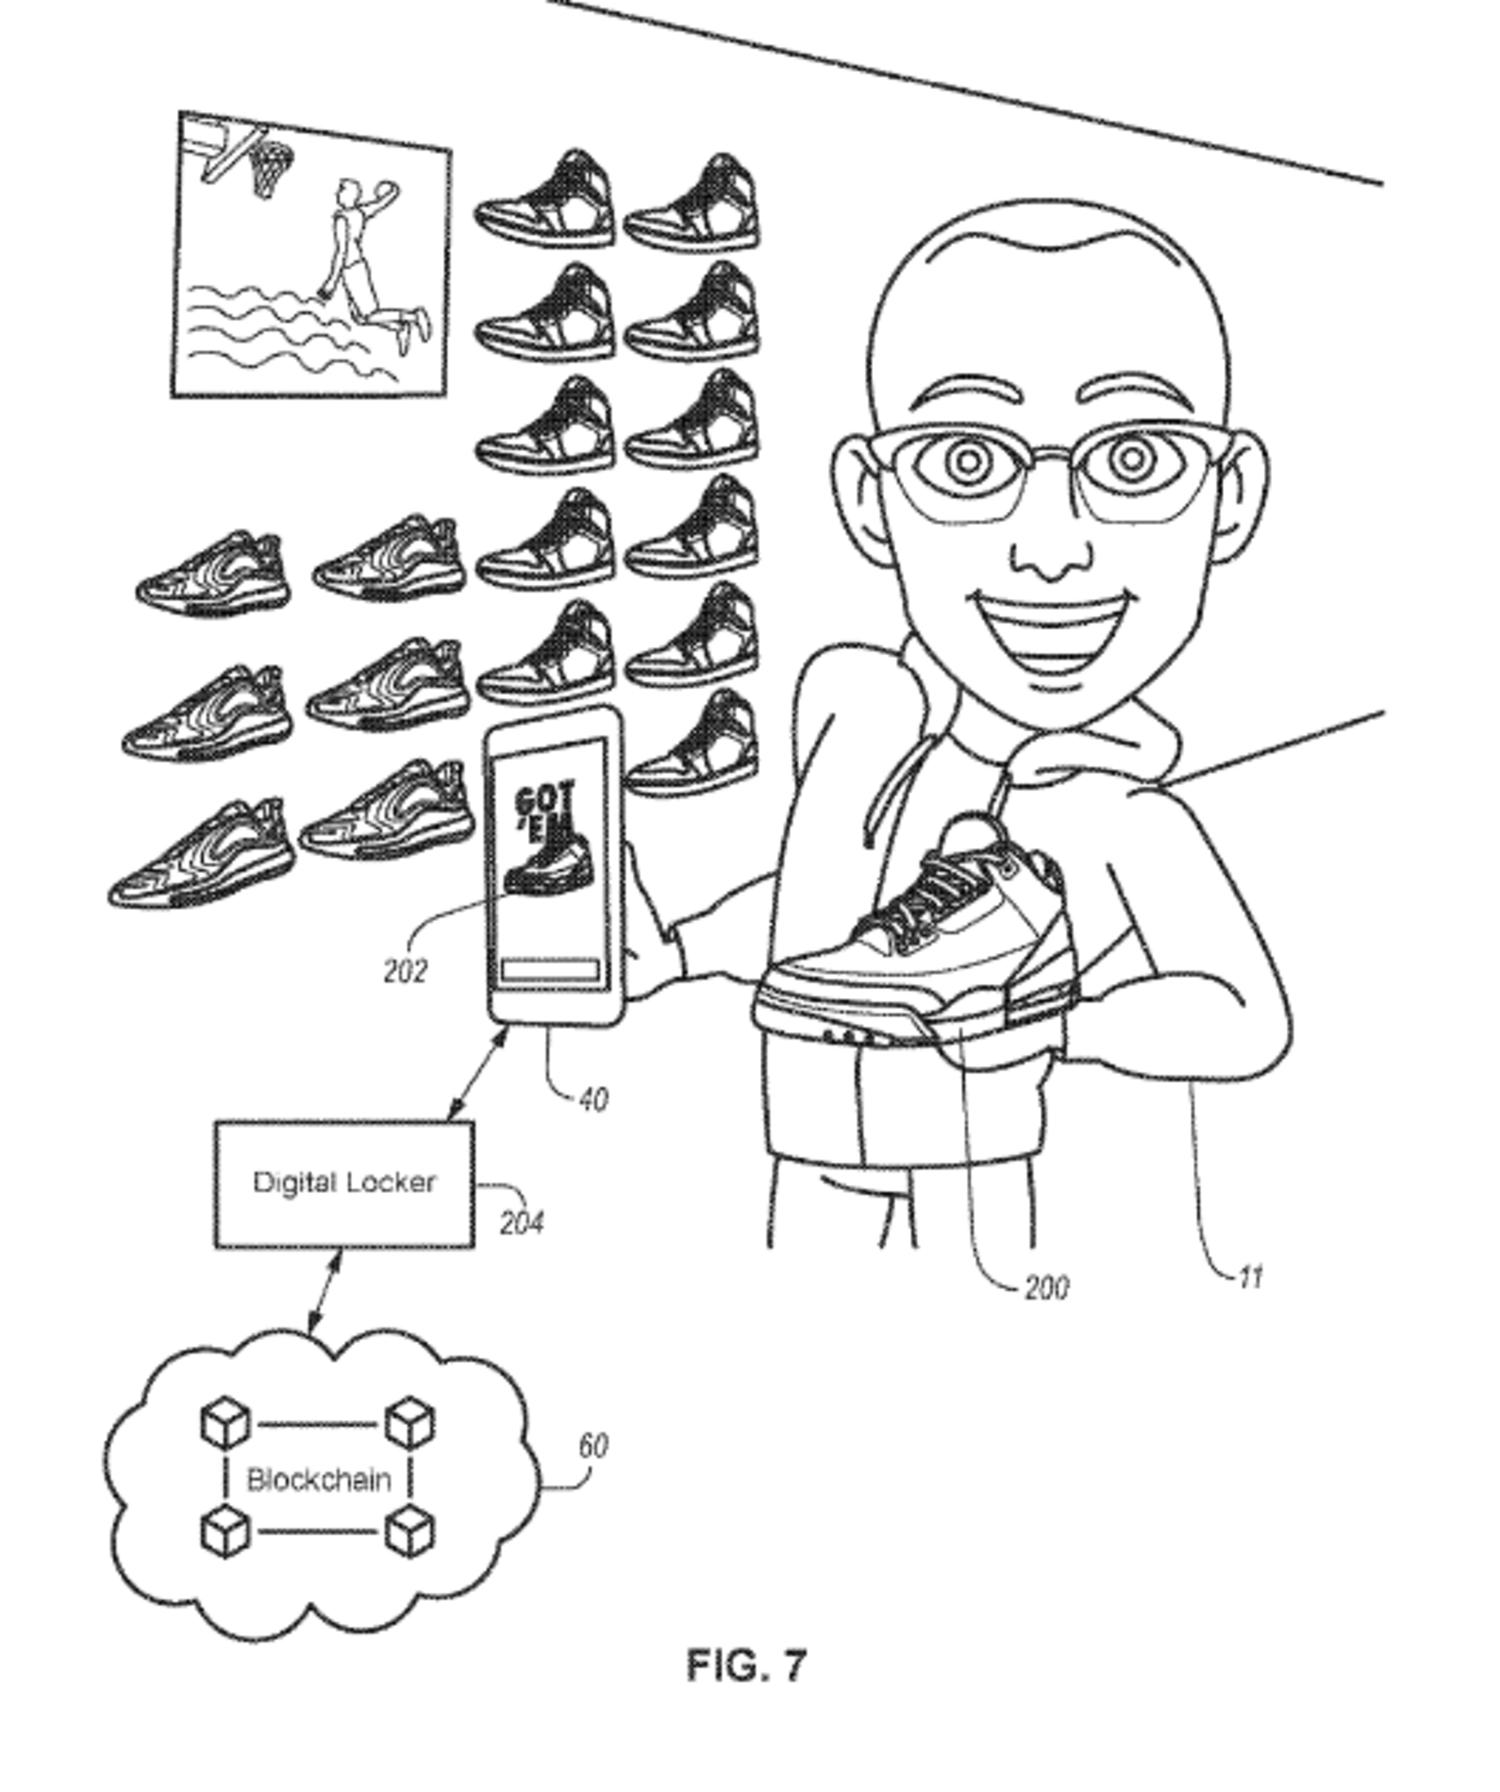 La patente muestra la interacción de las zapatillas y su certificado a través de un móvil.